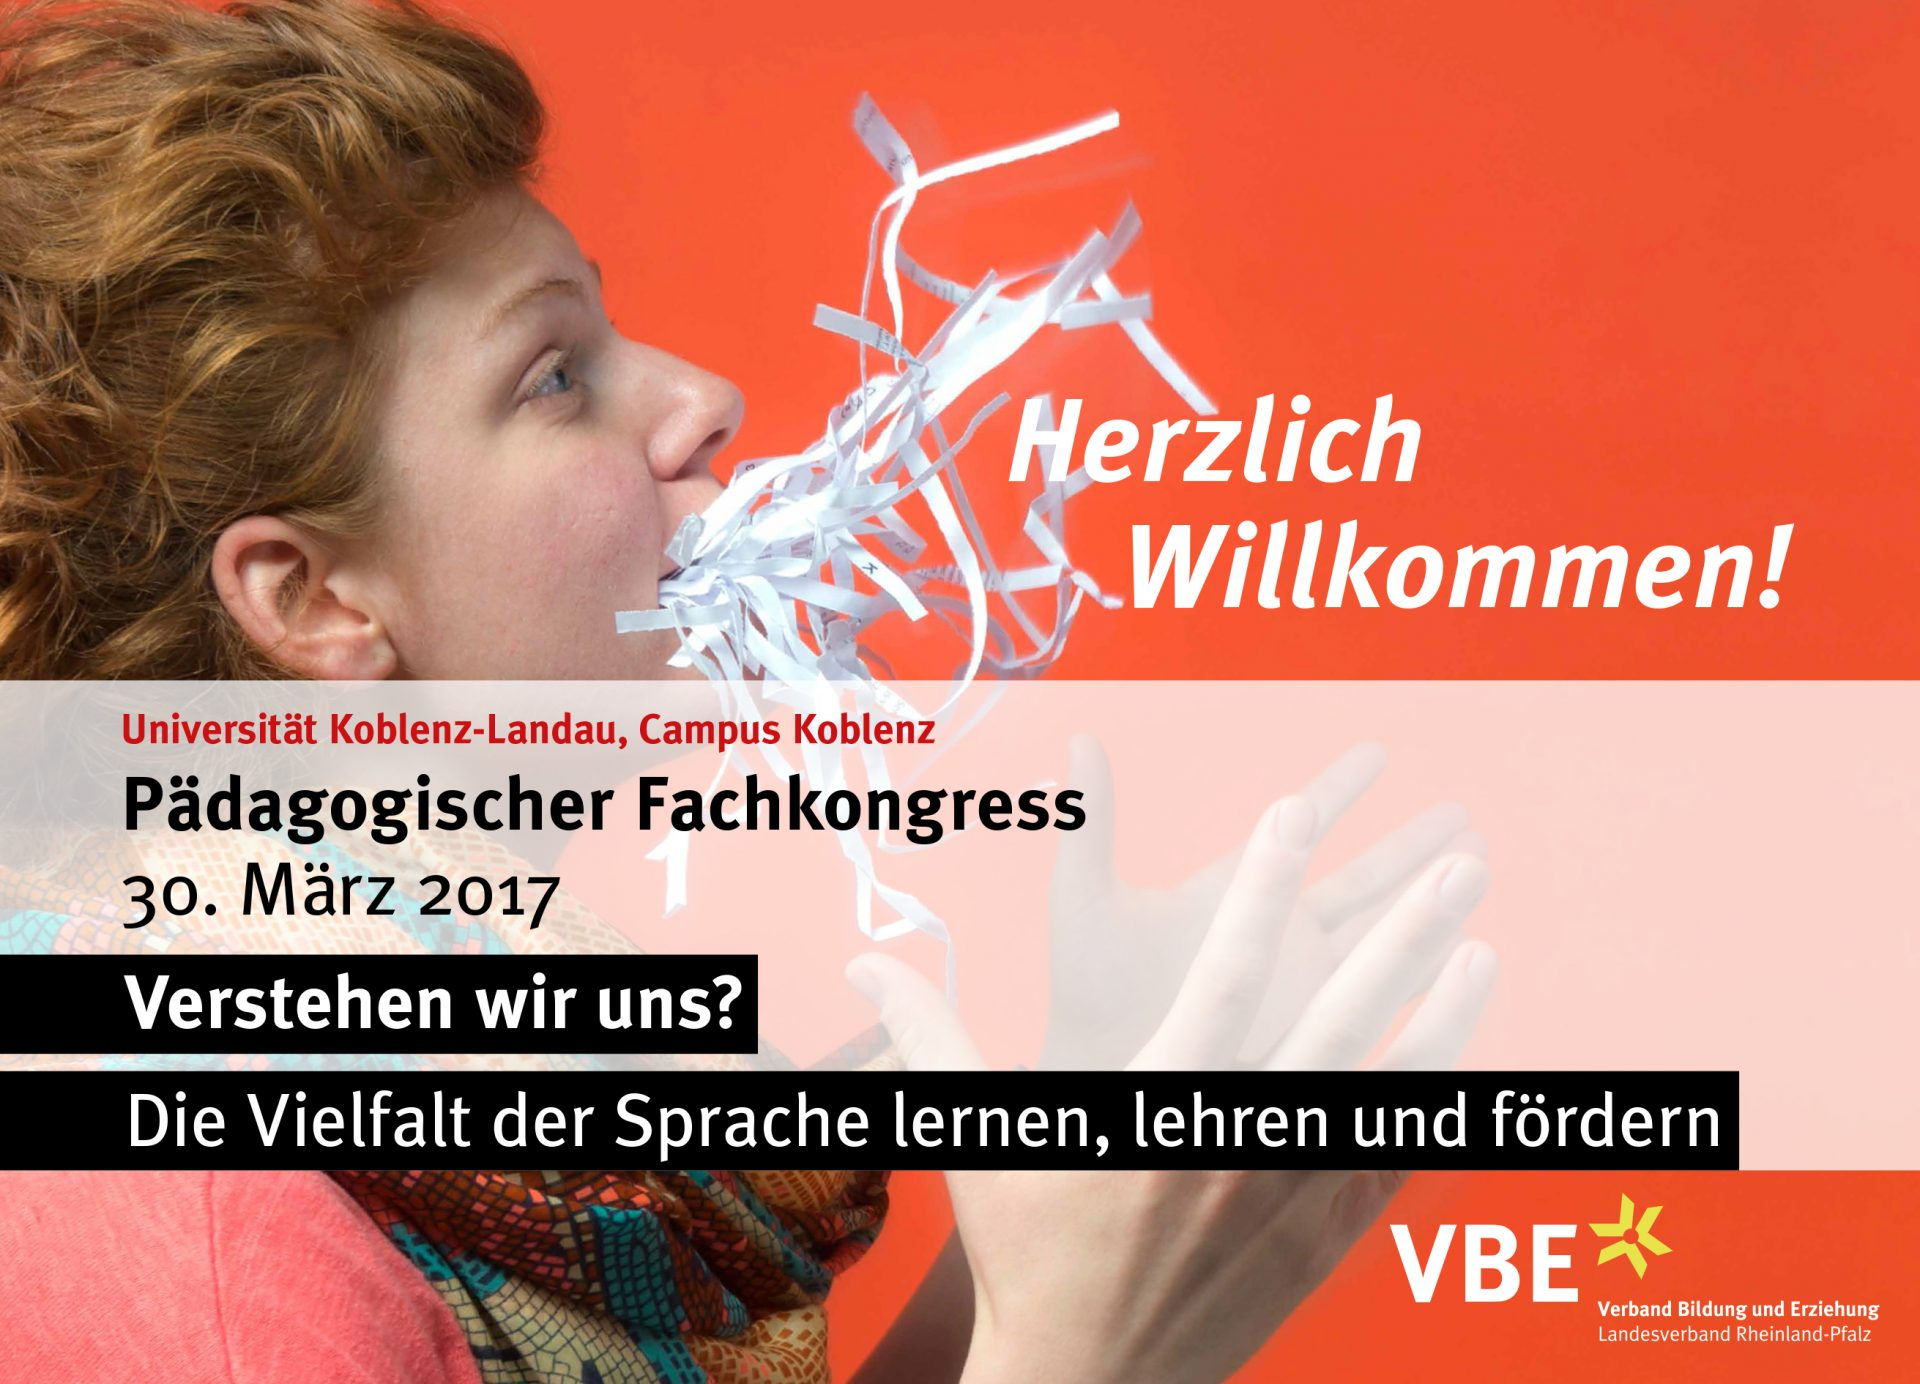 Plakat für den Pädagogischen Fachkongress - Typoly